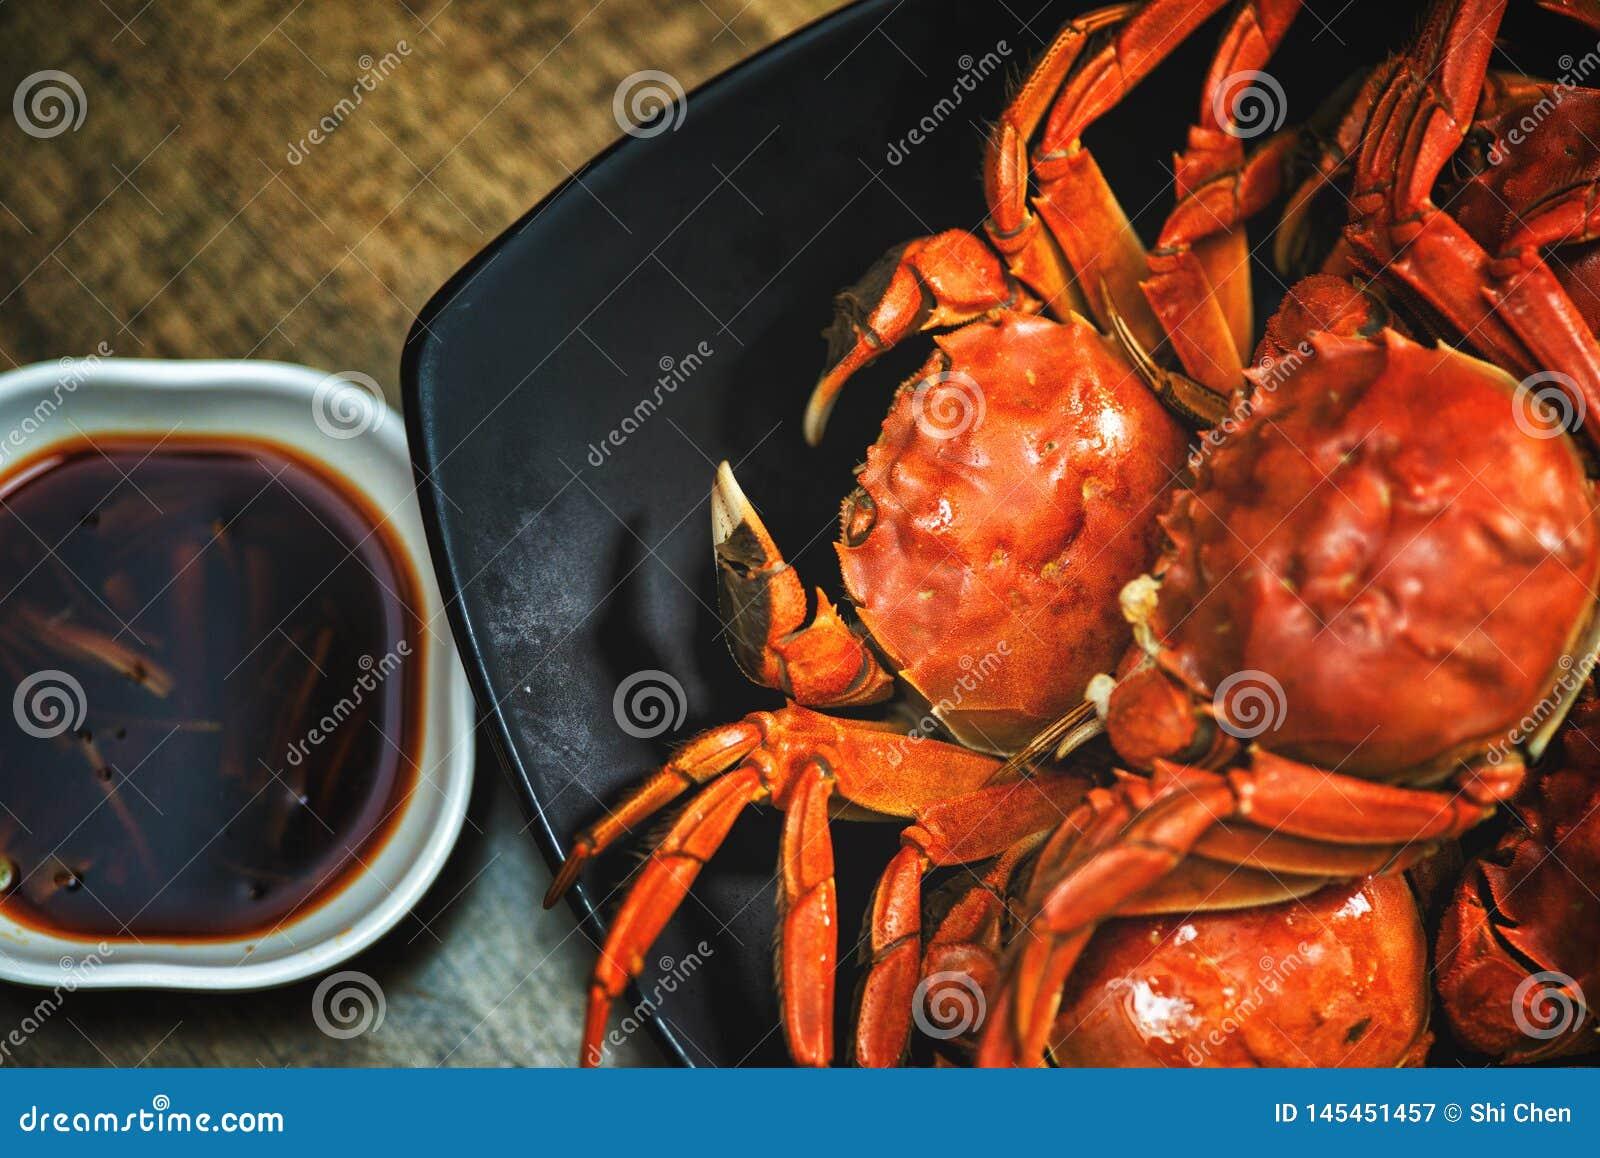 Caranguejo peludo cozinhado do caranguejo da culinária de Sichuan do alimento caranguejo peludo chinês